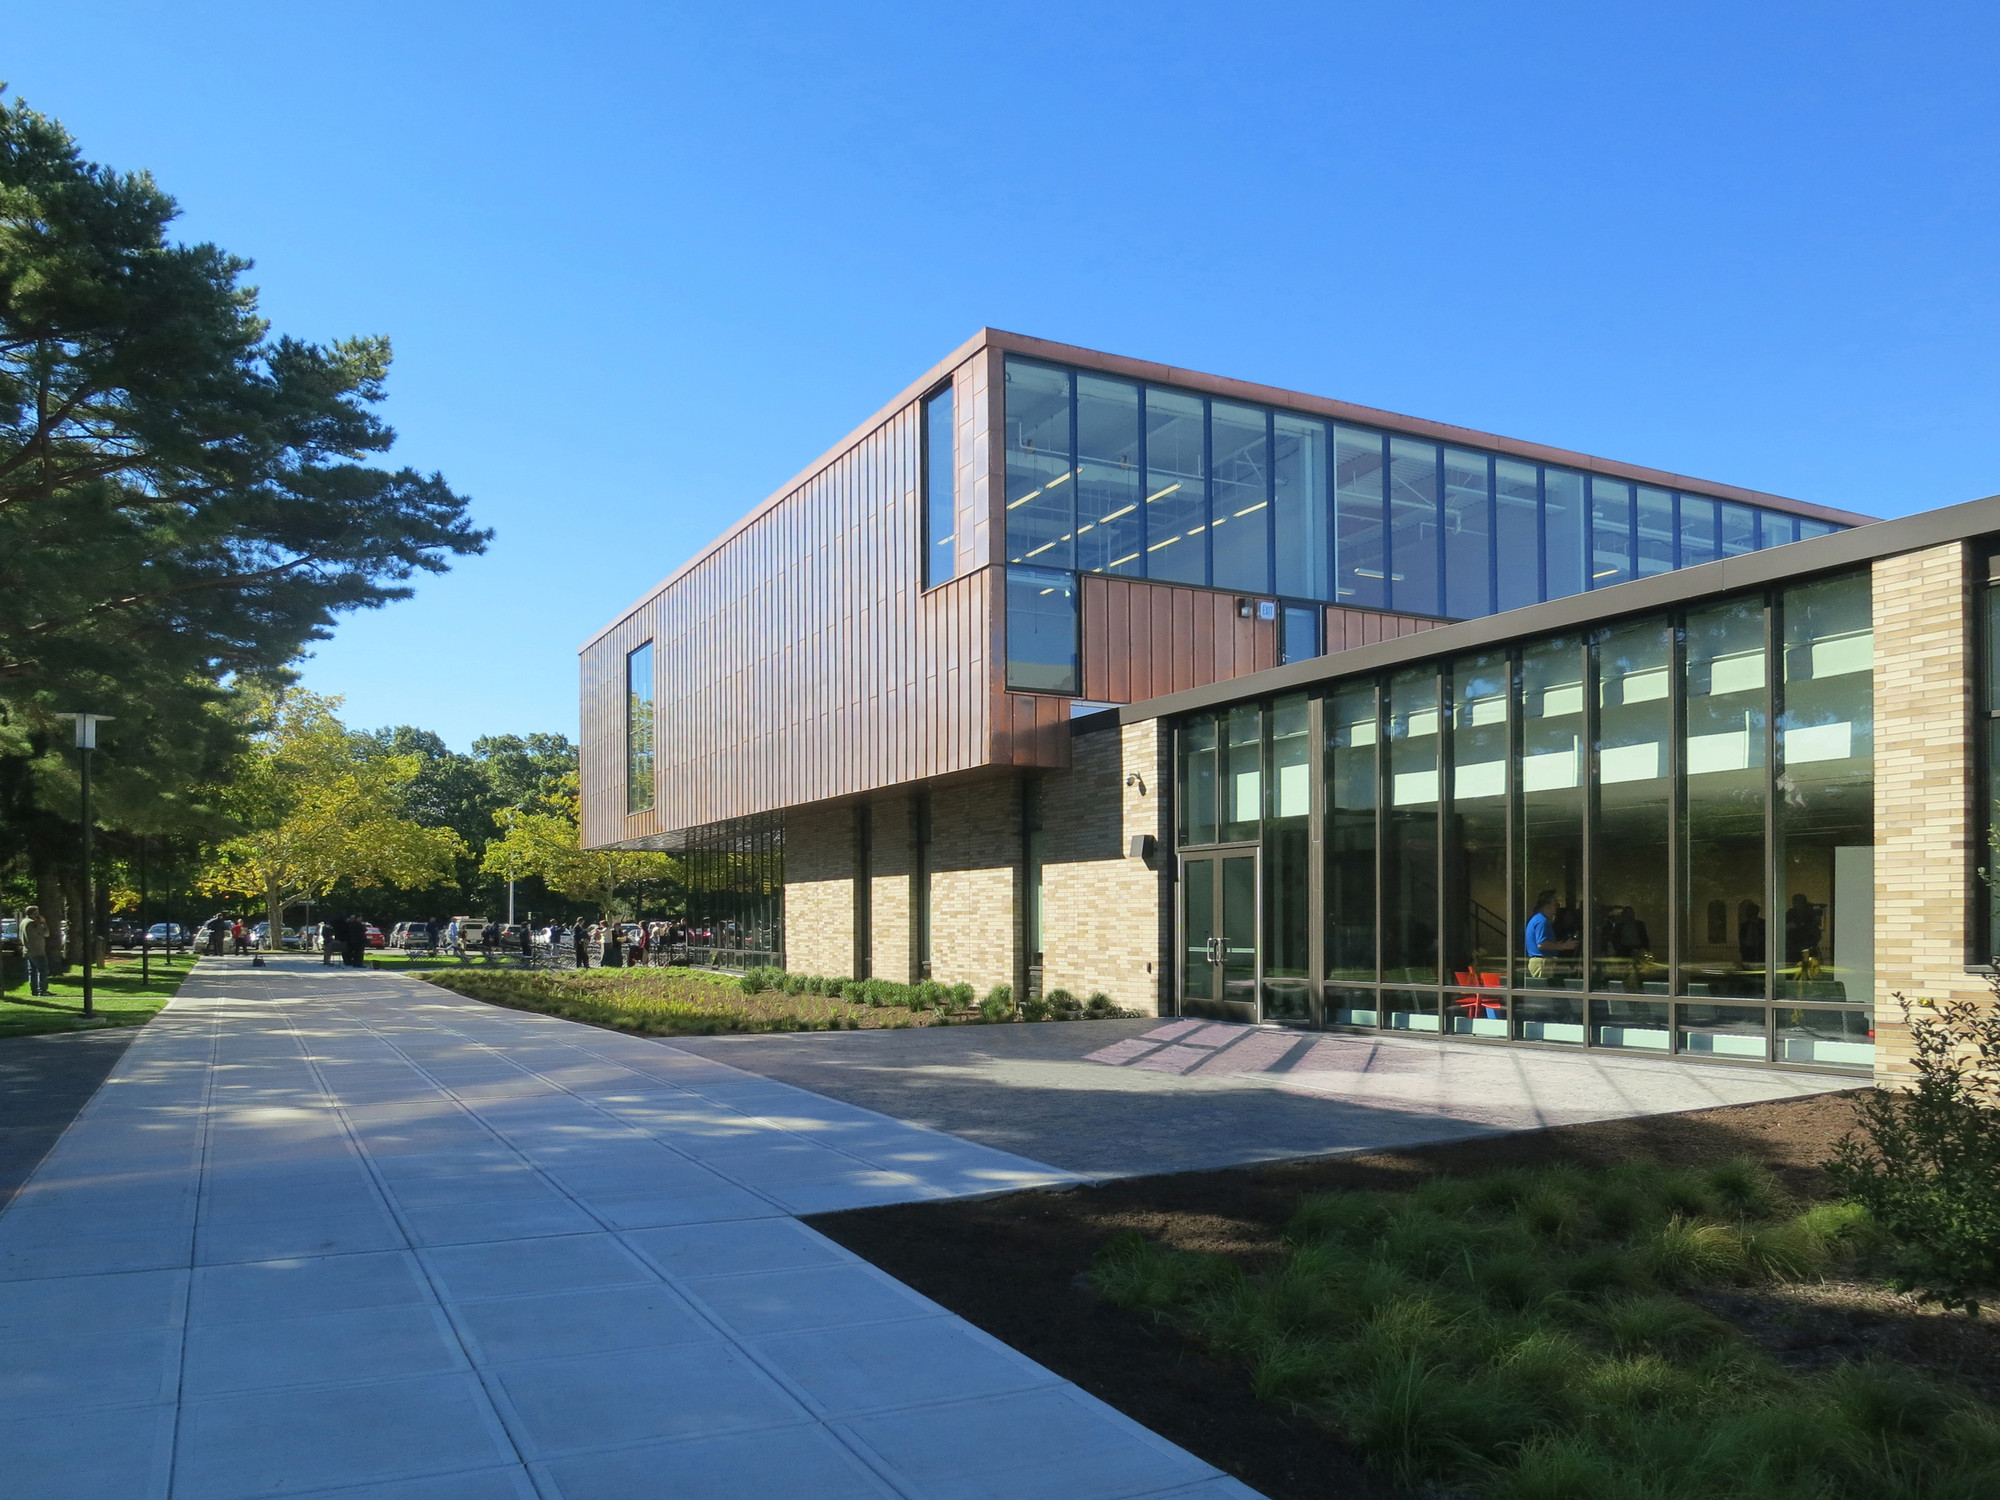 Rhode Island College Art Center / Schwartz-Silver, Courtesy of Schwartz-Silver